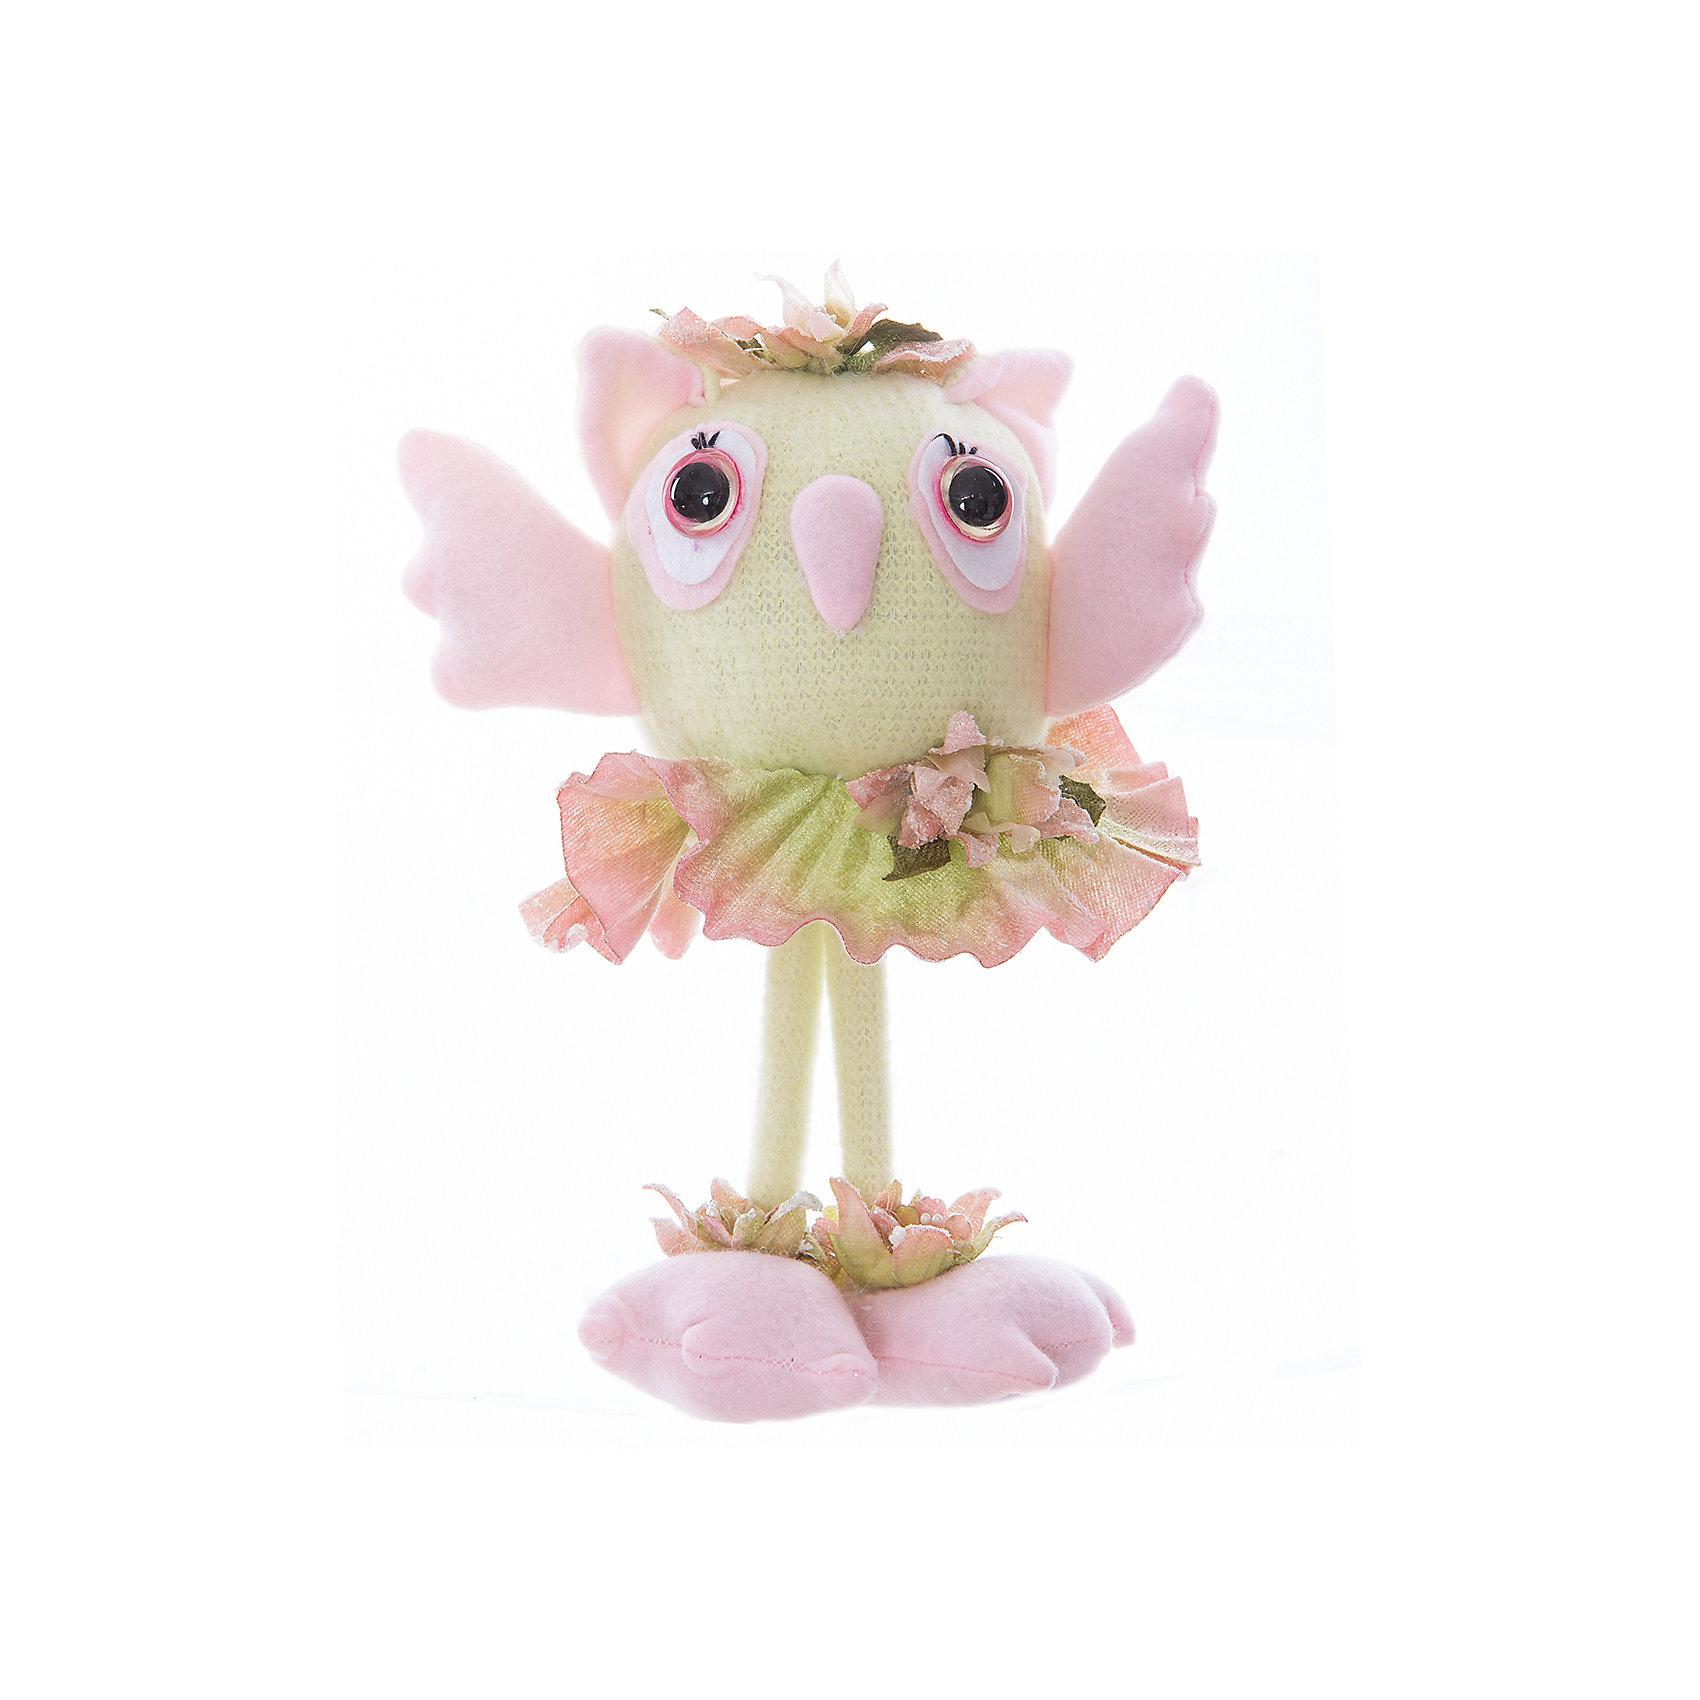 Интерьерная кукла Совушка C21-106029, EstroДетские предметы интерьера<br>Характеристики интерьерной куклы:<br><br>- размеры: 25*12*8 см. <br>- тип игрушки: животные, мягкая игрушка<br>- персонаж: сова<br>- вид упаковки: коробка<br>- возрастные ограничения: 3+<br>- комплектация: игрушка <br>- состав: полиэстер, полиэфир<br>- материал изготовления: высококачественный пластик, полиэстер, ткань<br>- стиль: классический, прованс<br>- бренд: Estro <br>- страна бренда: Италия<br>- страна производитель: Китай<br><br><br>В последние годы интерьерные куклы пользуются немалой популярностью, однако не стоит думать, что это изобретение исключительного нашего века. Настоящий бум в украшении интерьеров куклами пришелся на XVIII-ХIX века. Однако в ХХ веке эта традиция постепенно сошла на нет. Великолепная модель от торговой марки Estro салатовая сова выполнена с потрясающей детализацией и смотрится невероятно стильно. <br><br>Интерьерную куклу сова итальянской торговой марки Estro можно купить в нашем интернет-магазине.<br><br>Ширина мм: 100<br>Глубина мм: 100<br>Высота мм: 250<br>Вес г: 193<br>Возраст от месяцев: 36<br>Возраст до месяцев: 1188<br>Пол: Женский<br>Возраст: Детский<br>SKU: 5356623